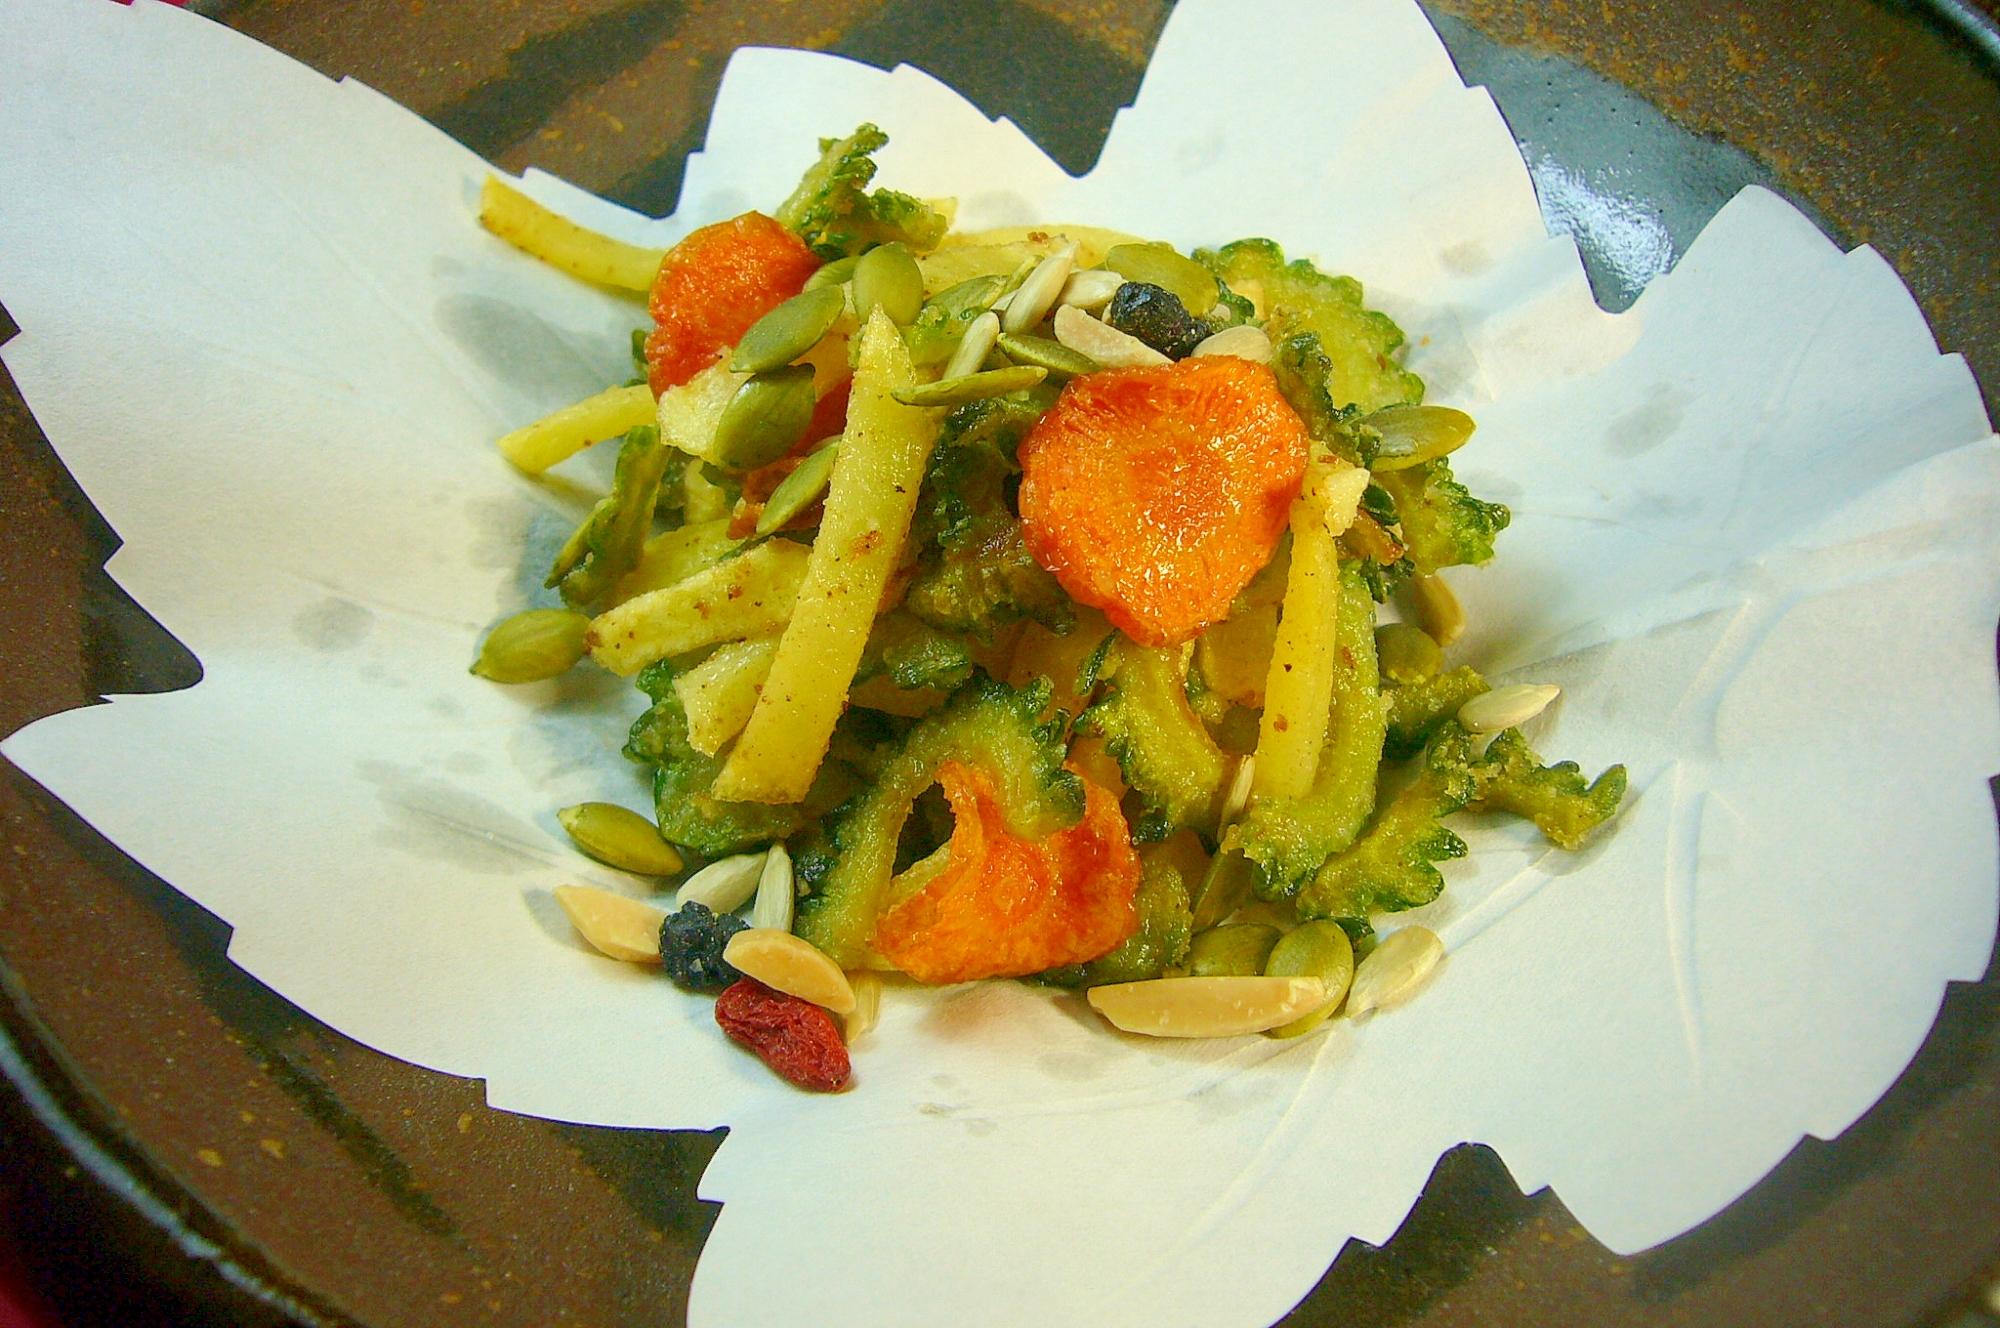 ゴーヤ、ニンジン、ポテトの3色野菜チップス